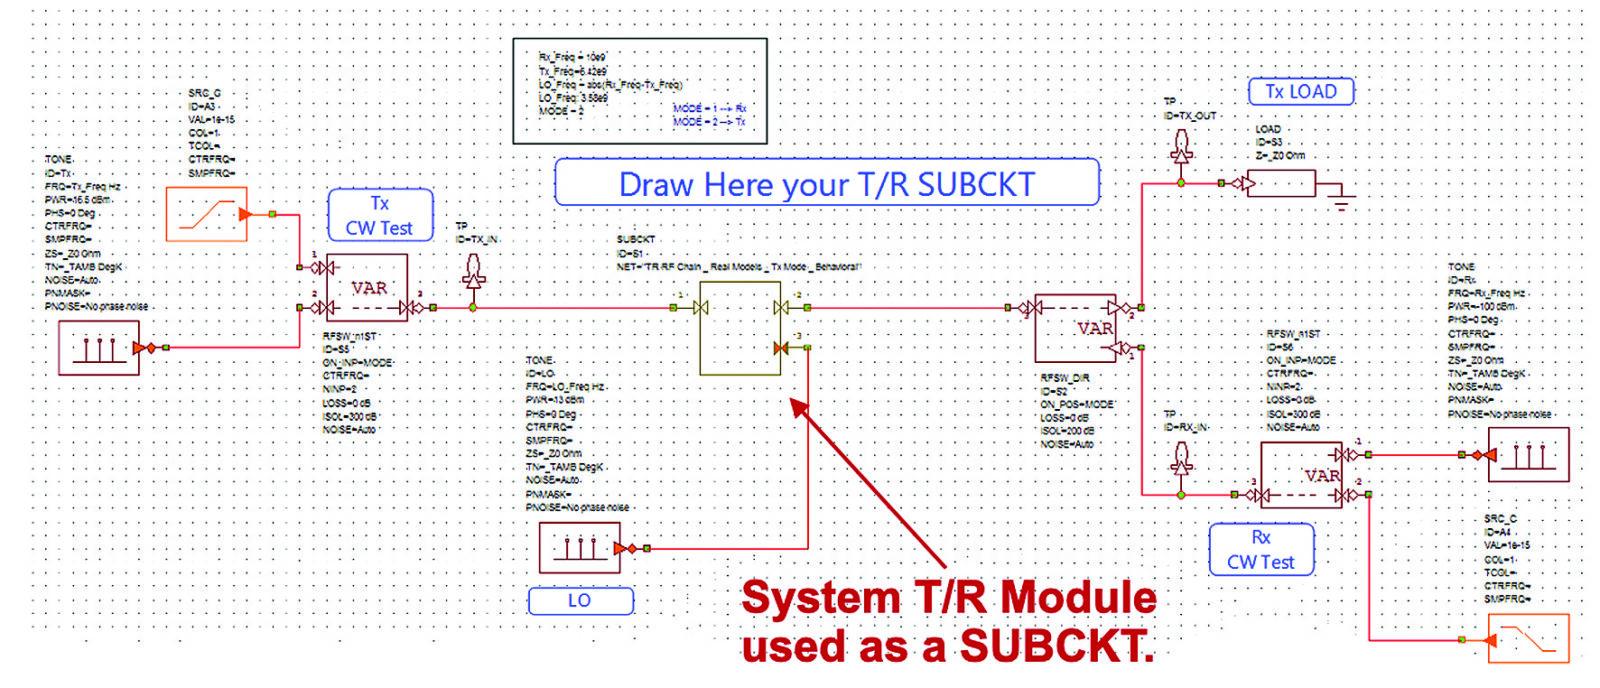 Системная диаграмма проекта System T/R module used as a SUBCKT — модуль в виде подсхемы